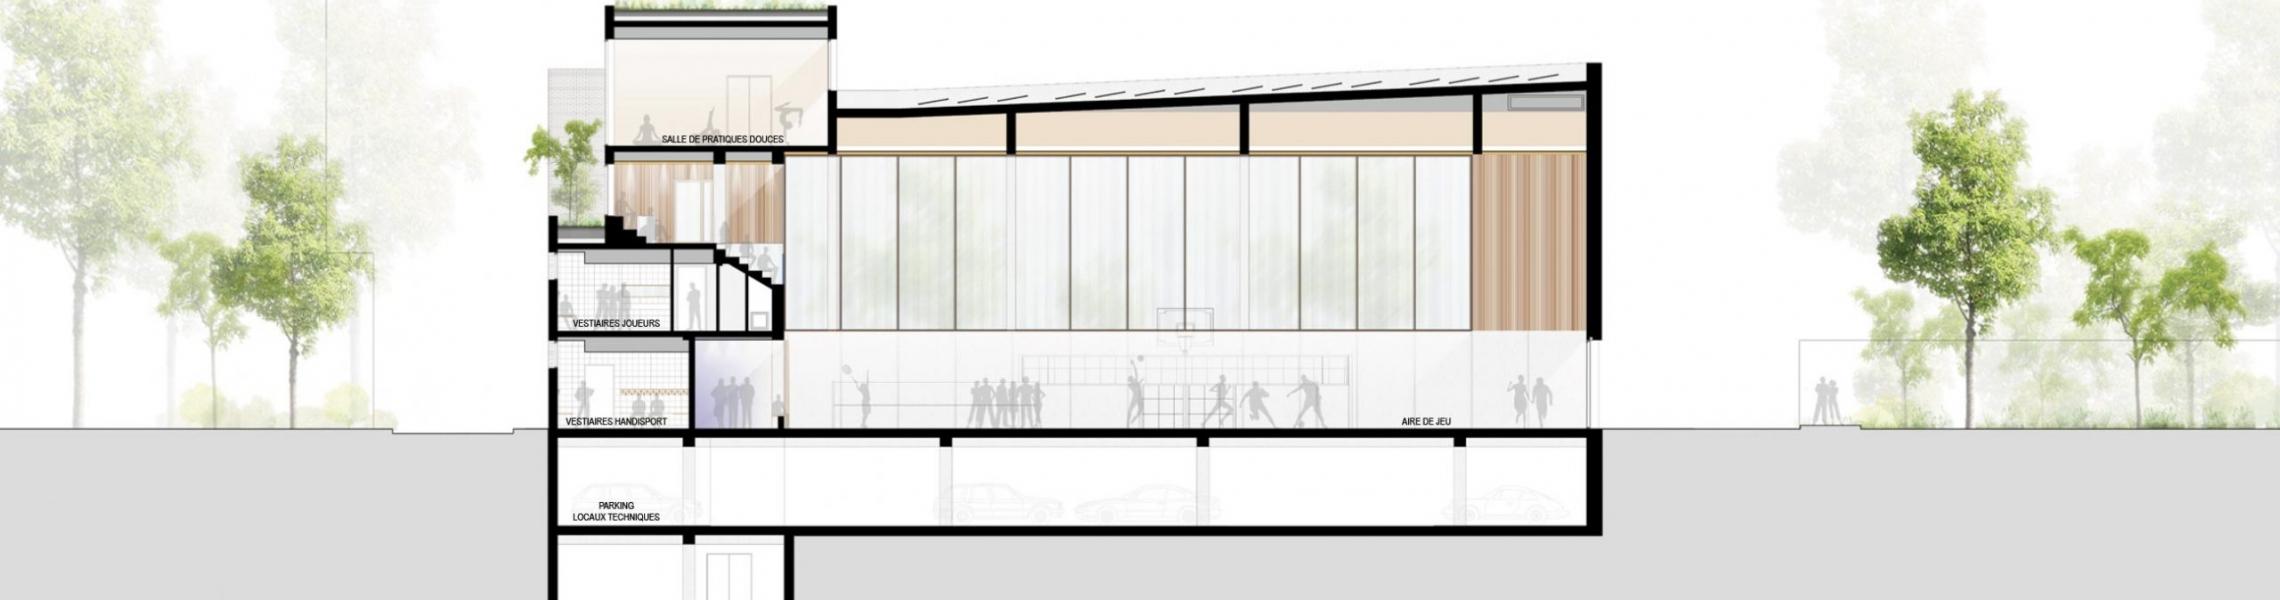 cobalt-architecture-enseignement-villejuif-1